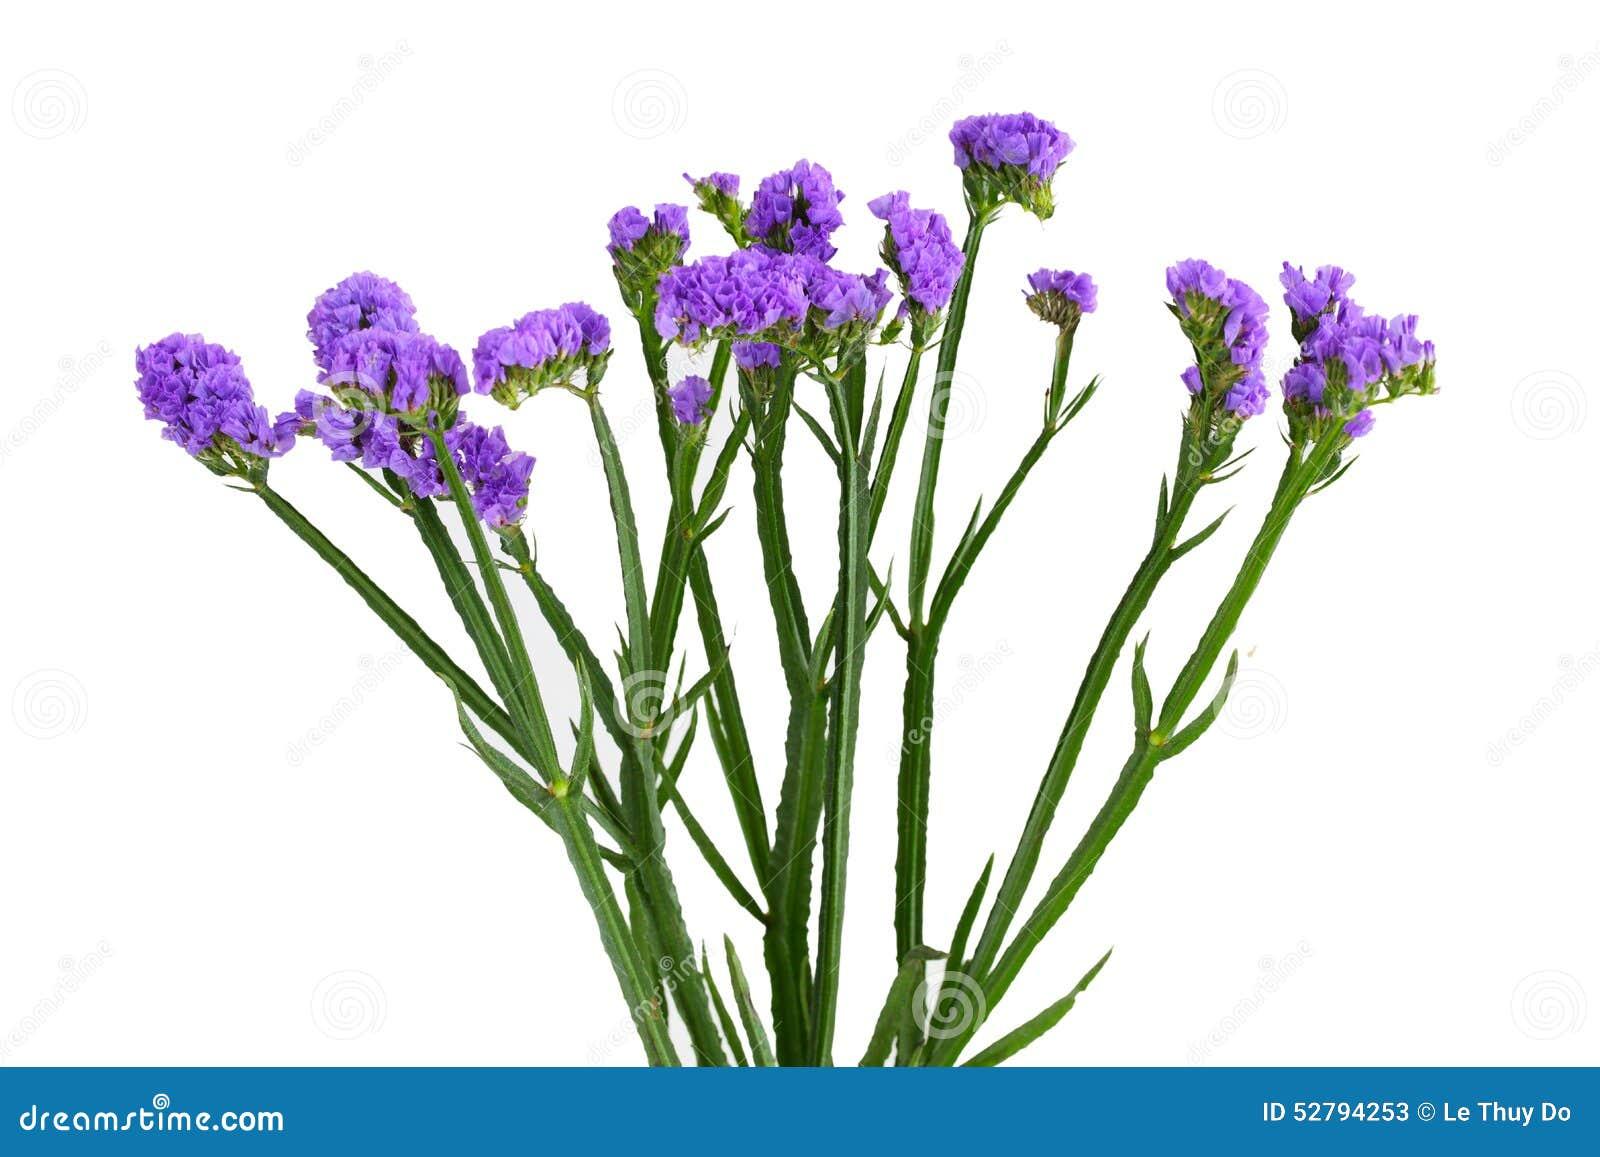 Limonium sinuatum Statice Salem flower isolated on white background.